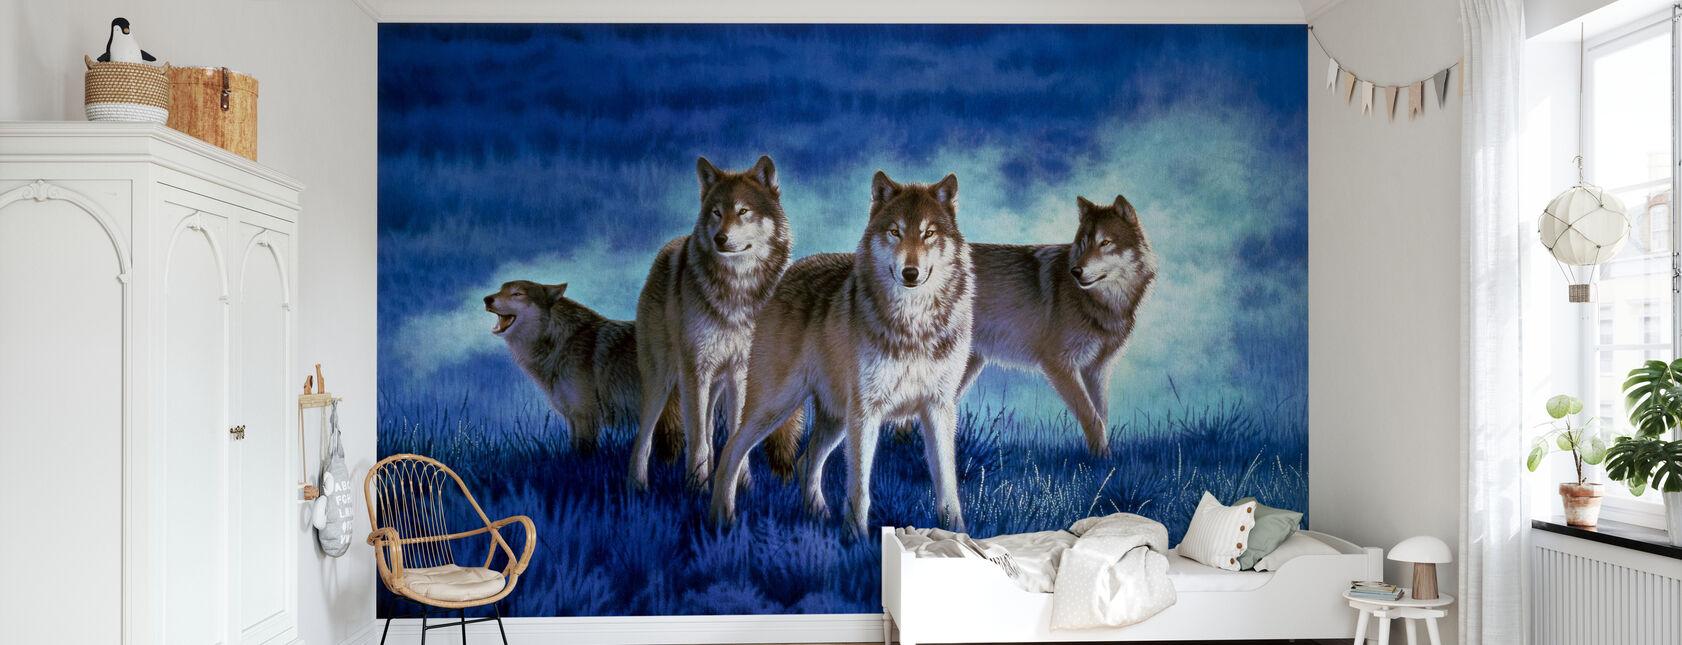 Les loups - Papier peint - Chambre des enfants